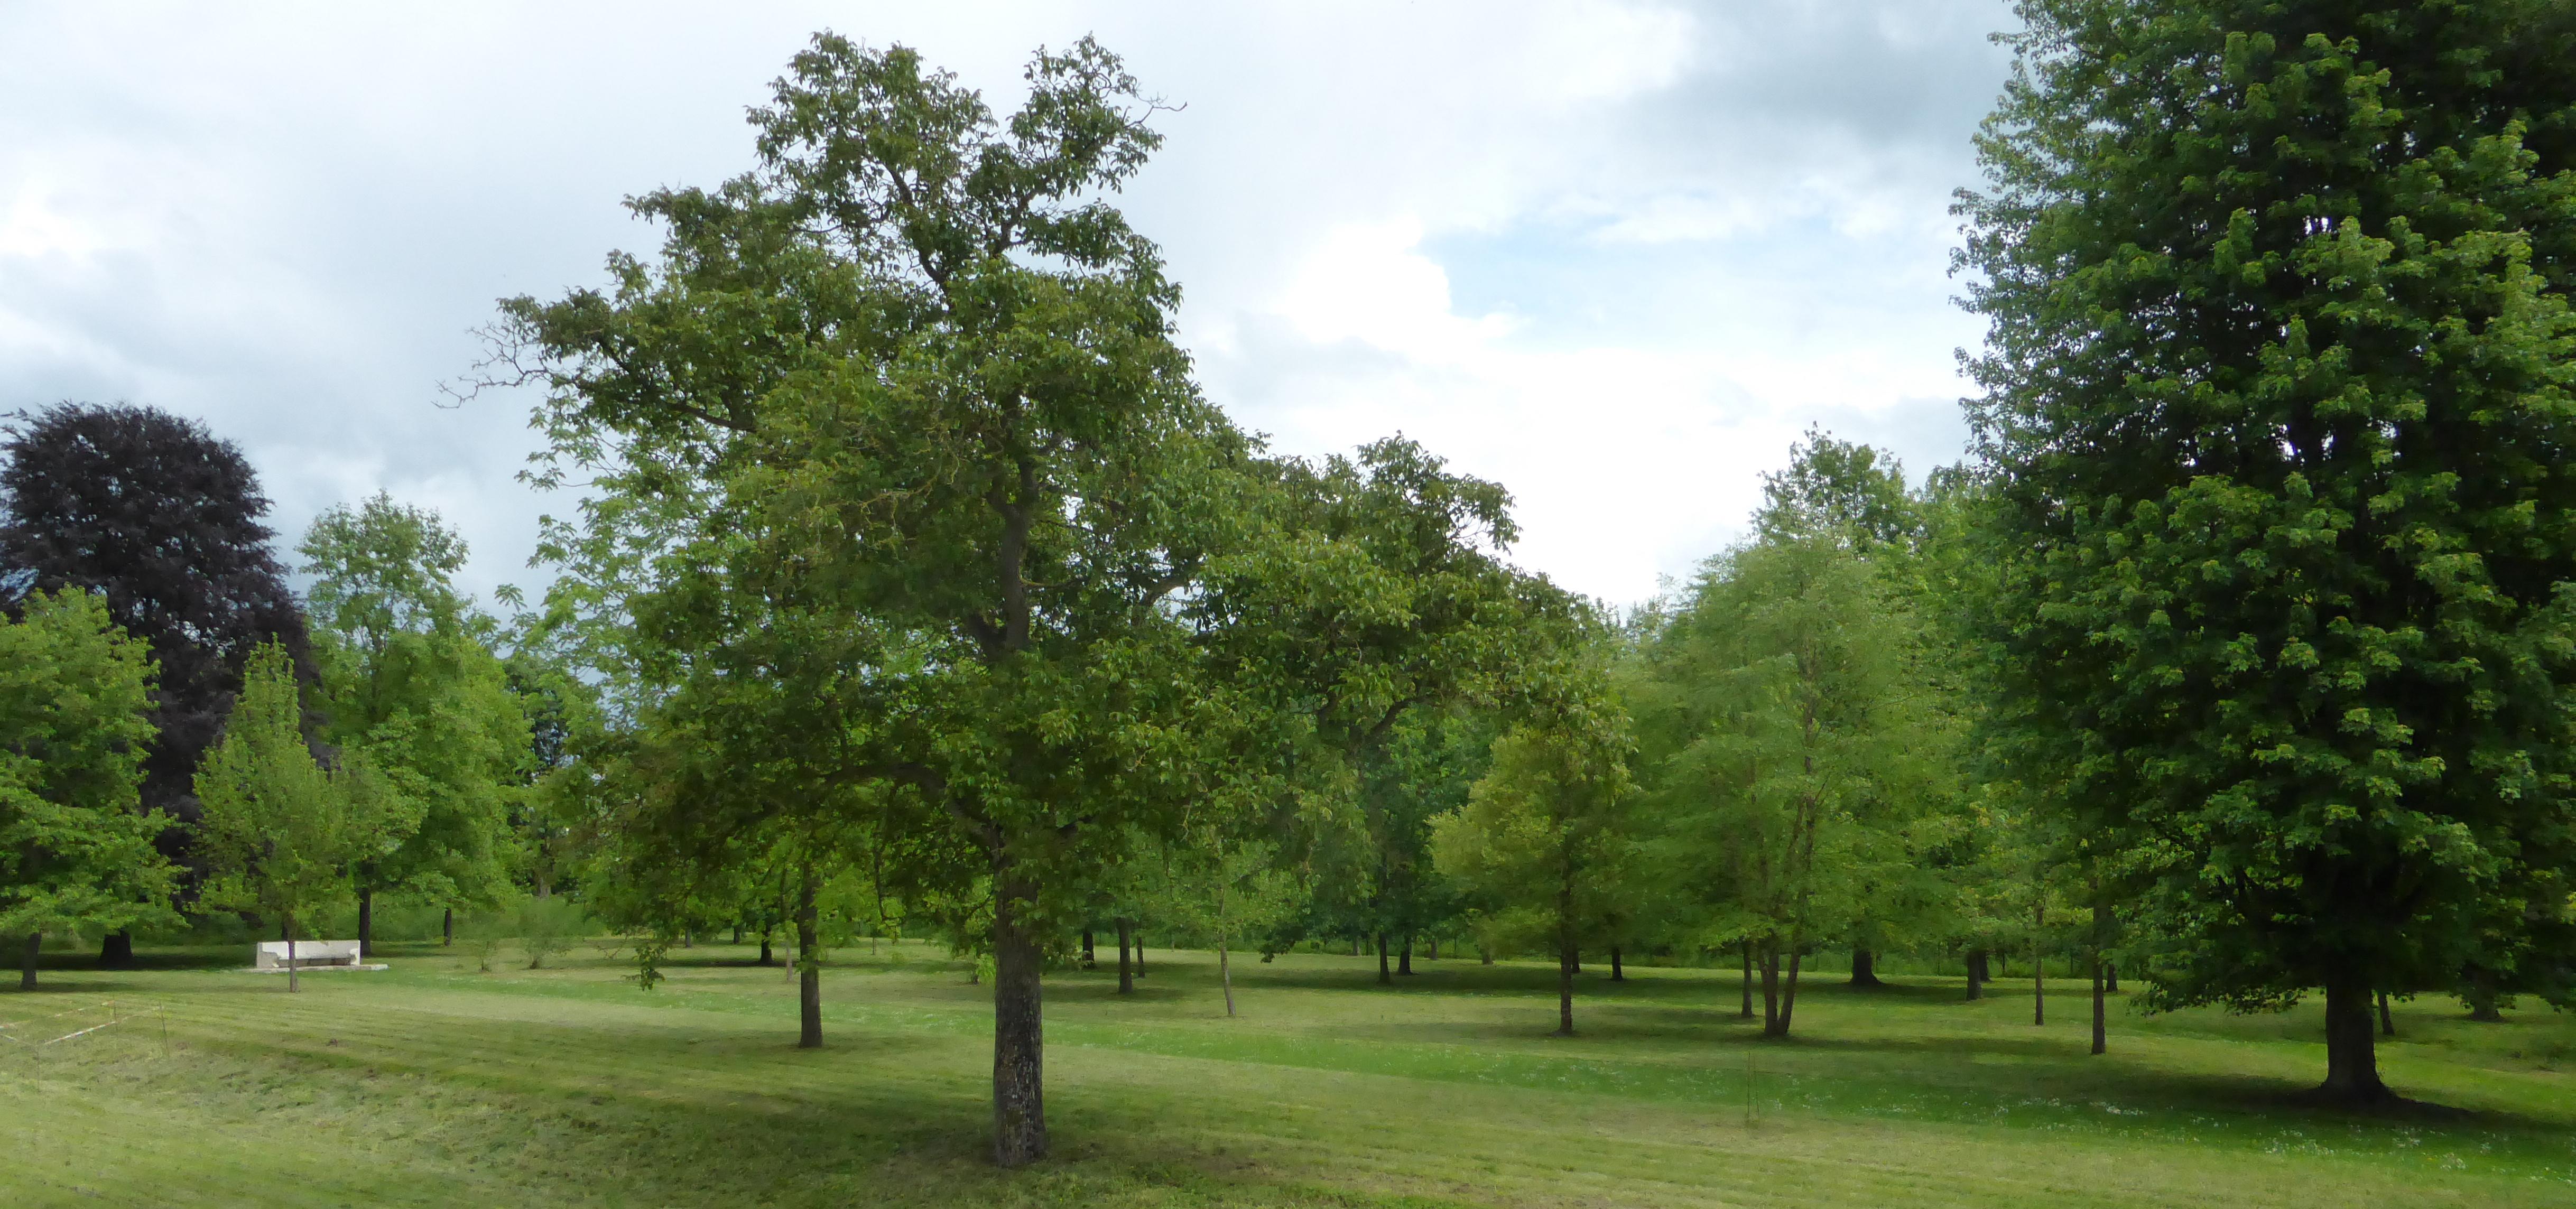 Arboretum du Musée franco-américain du château de Blérancourt